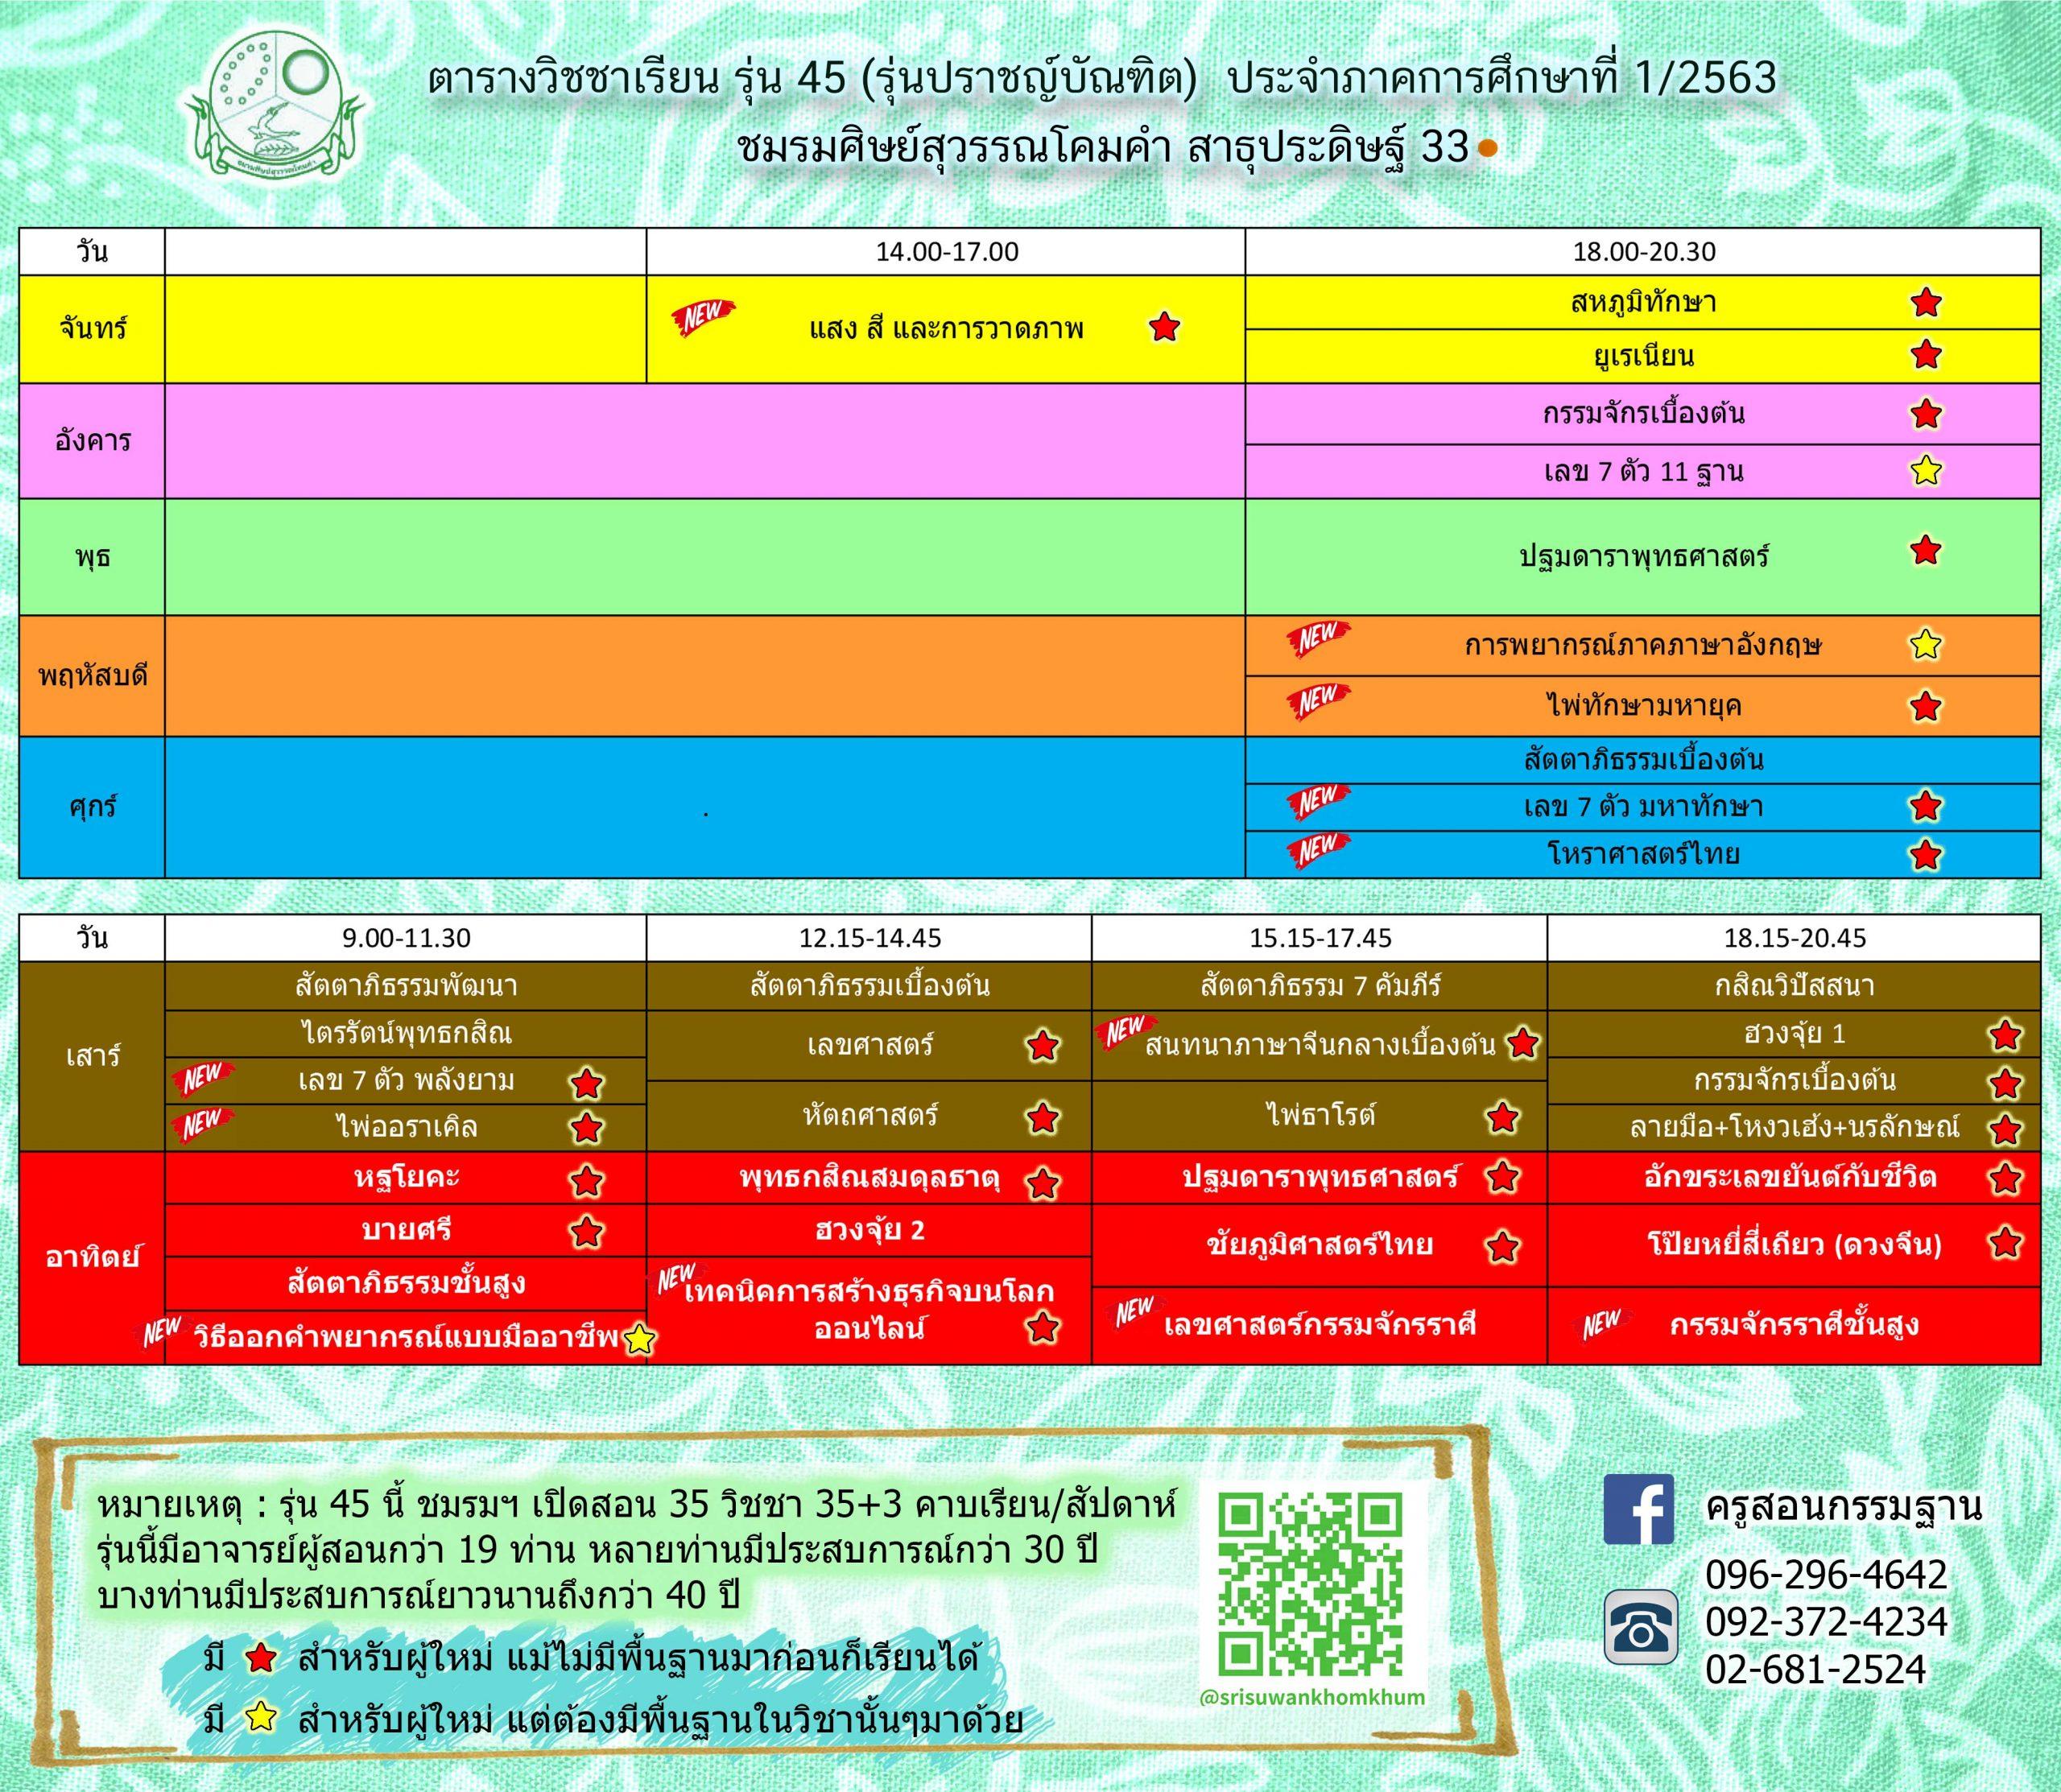 ตารางเรียน ภาคการศึกษาที่ 1/2563 รุ่นที่45 ปราชญ์บัณฑิต